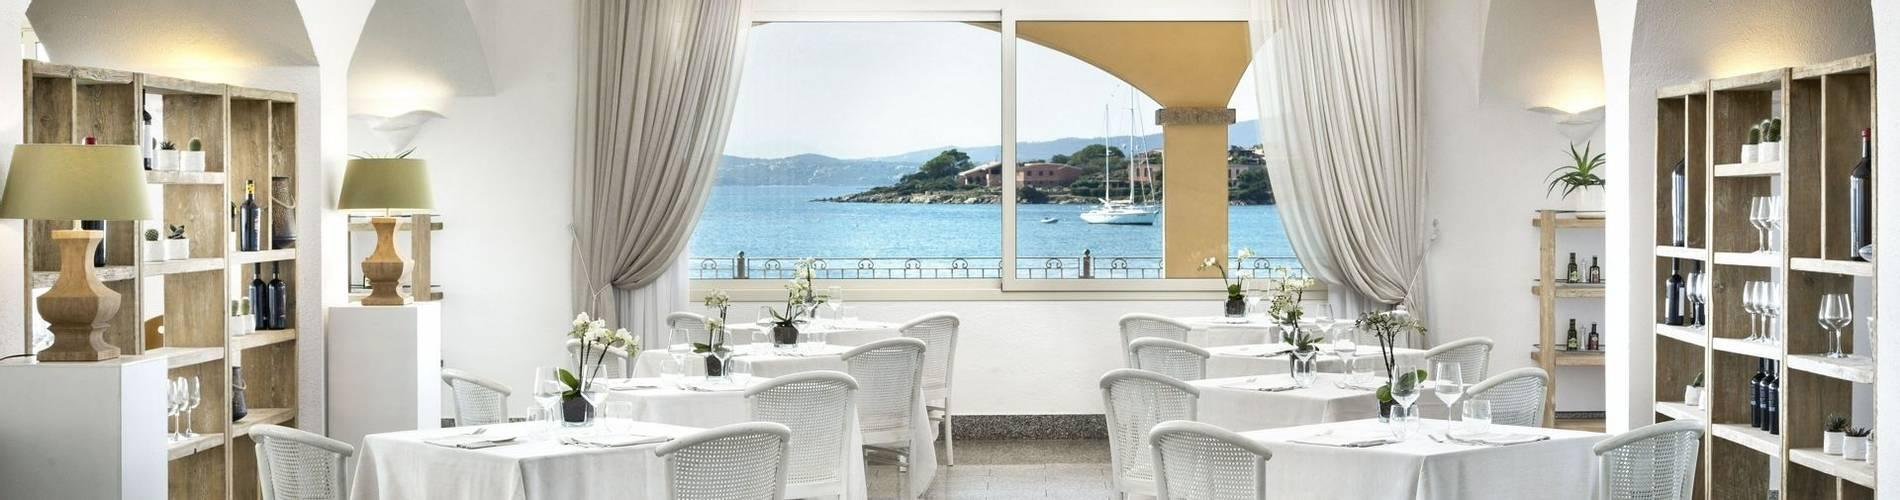 The White Restaurant - Gabbiano Azzurro Hotel _ Suites 2.jpg